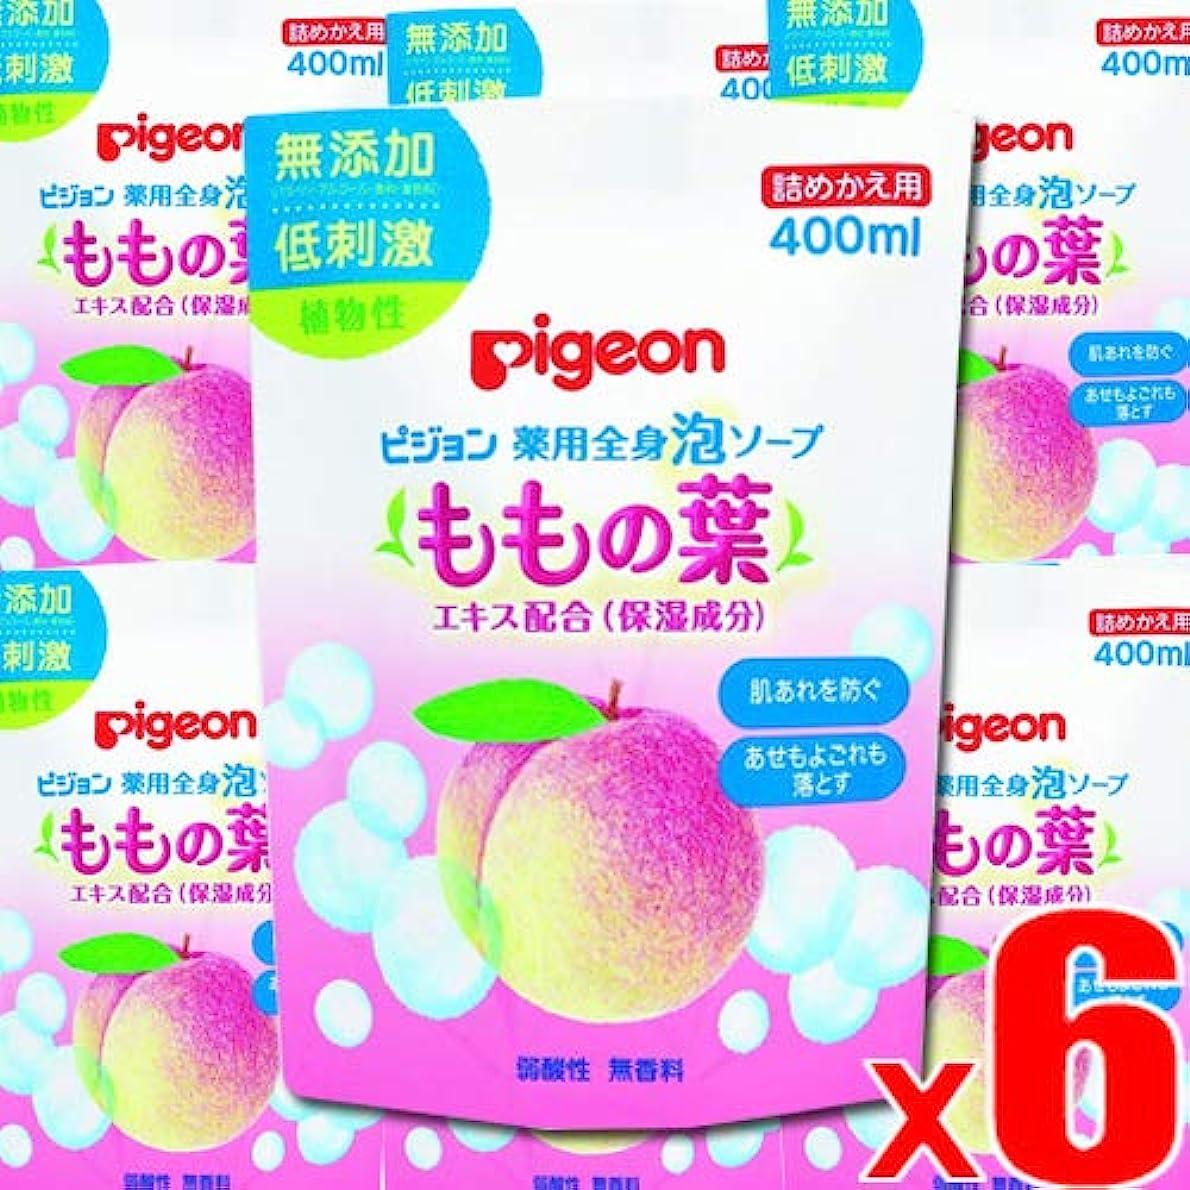 シンジケートクラシック部分的【6個】ピジョン Pigeon 薬用全身泡ソープ 詰替え ももの葉エキス配合(保湿成分) 400ml x6個(4902508084123-6)